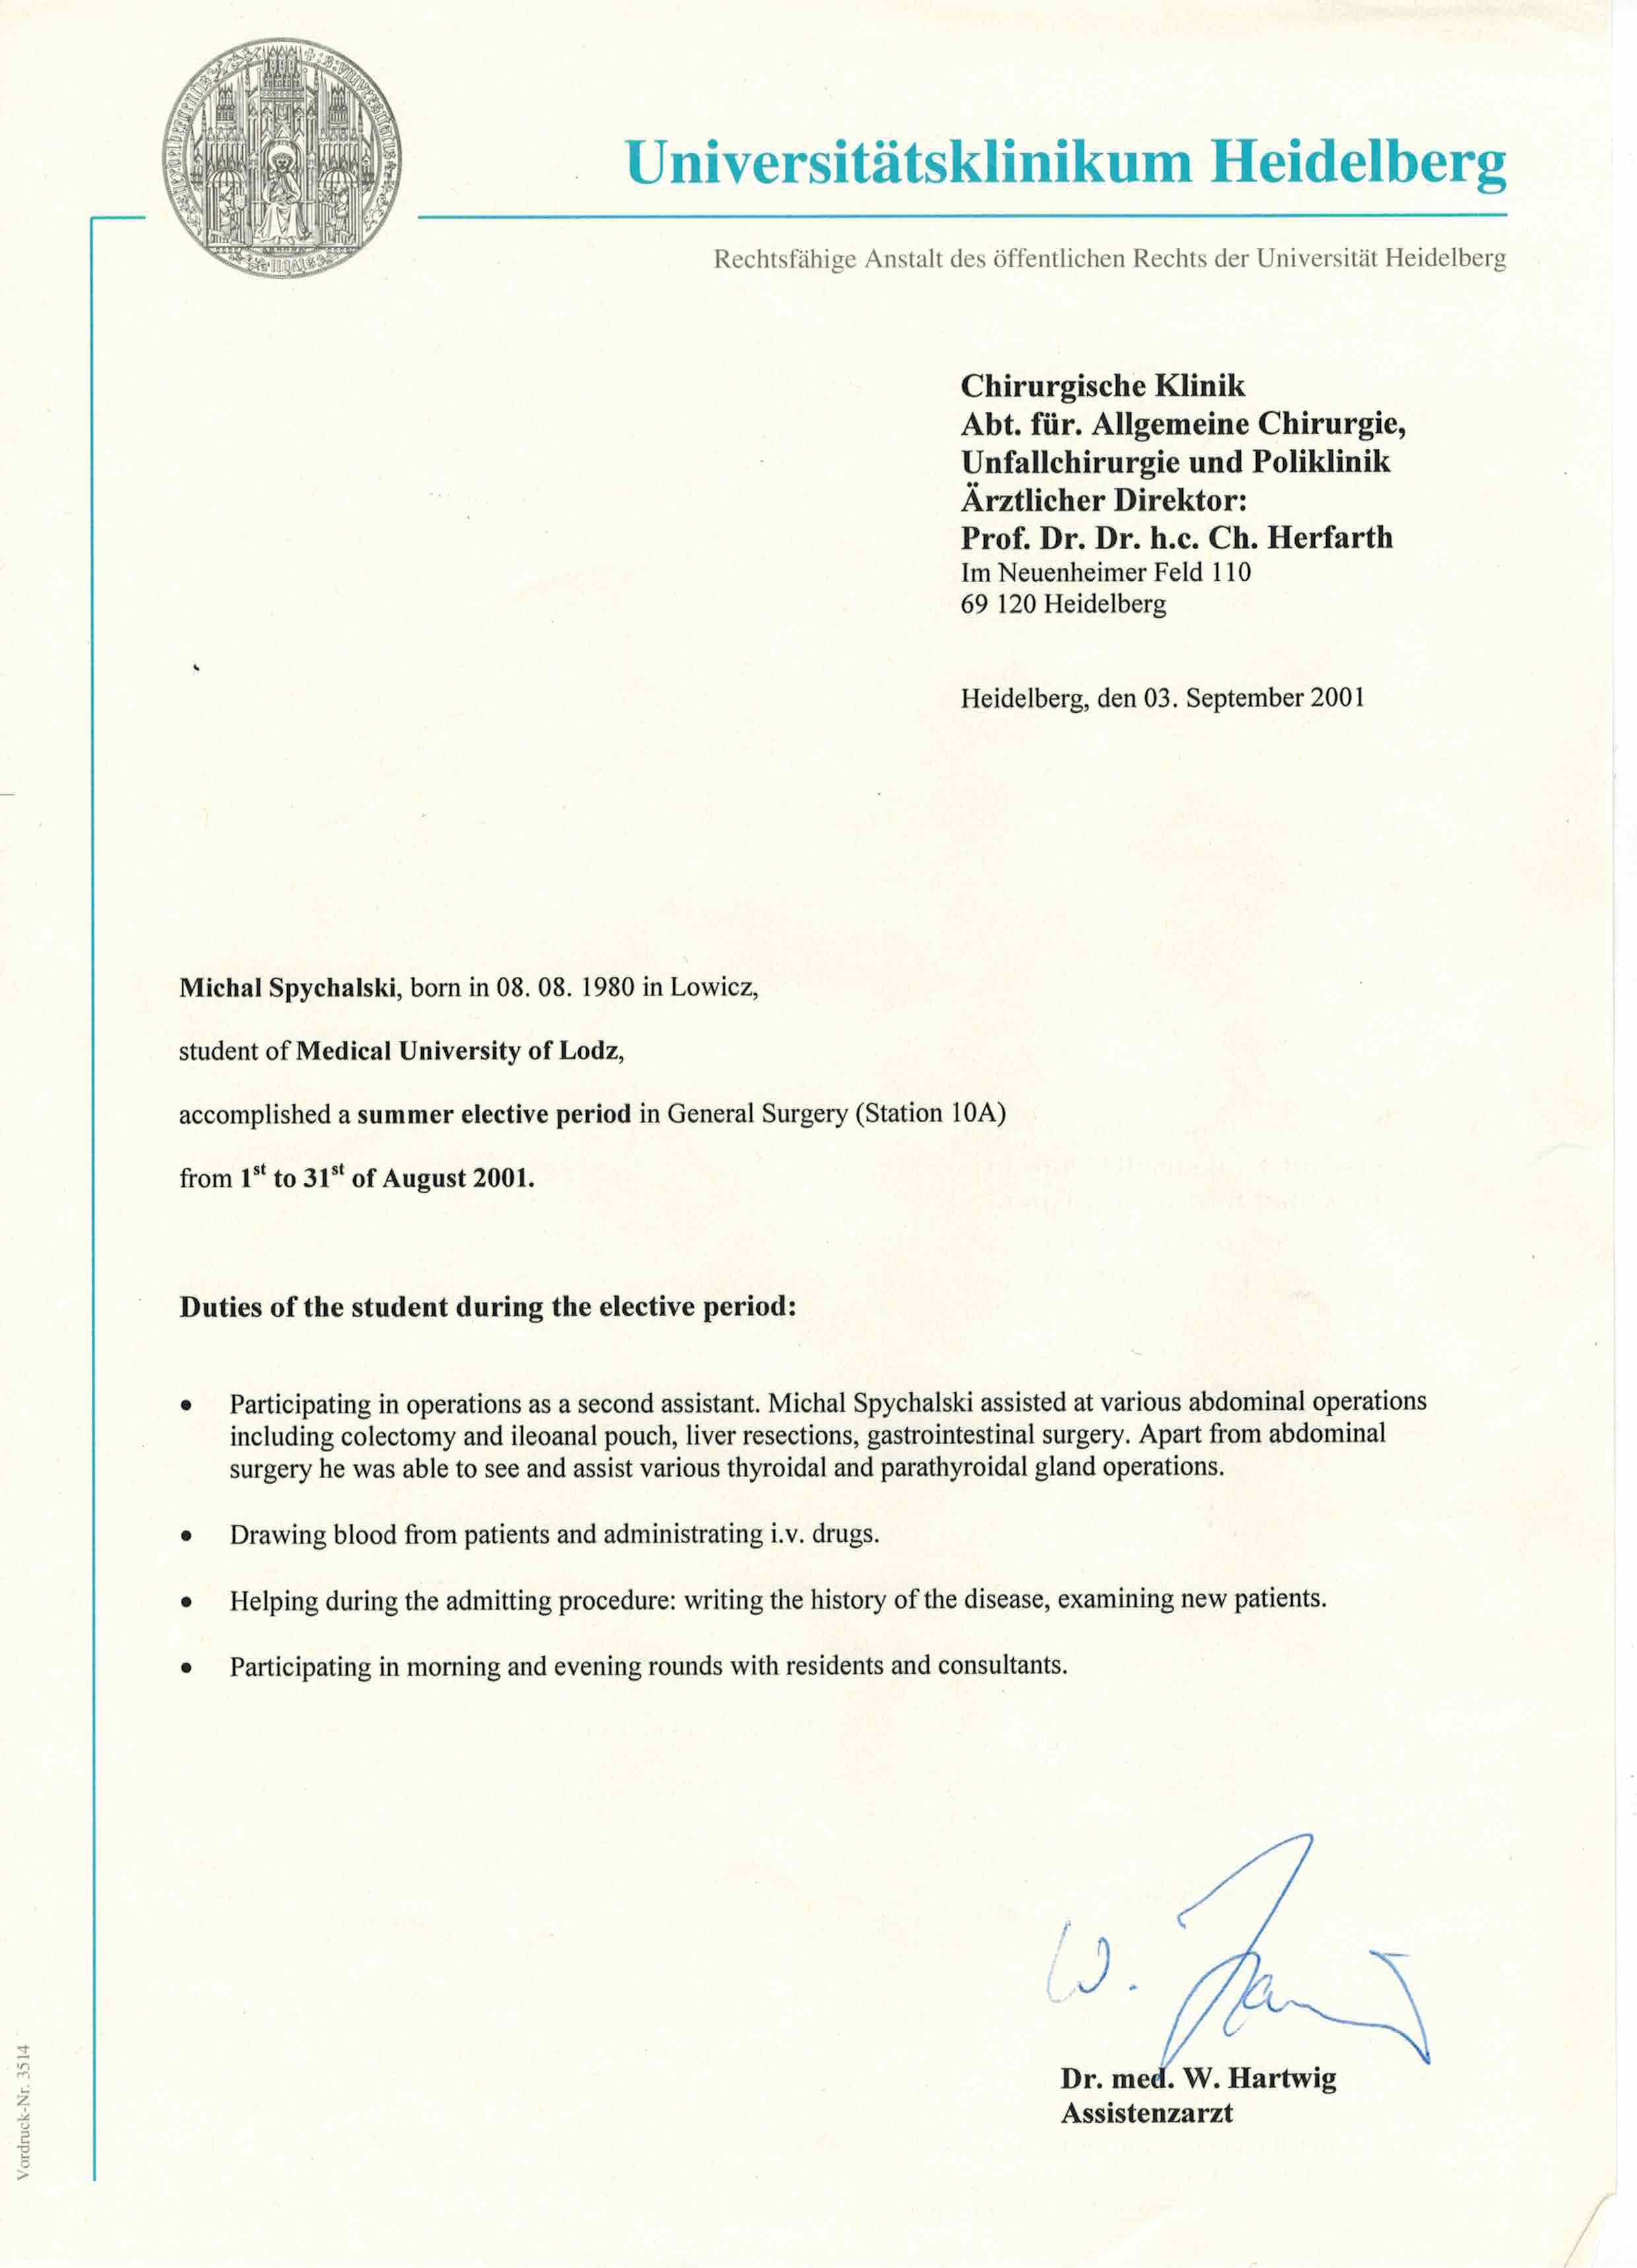 1.Klinika Chirurgii Przewodu Pokarmowego Uniwersytet w Heidelbergu – Niemcy (2001)